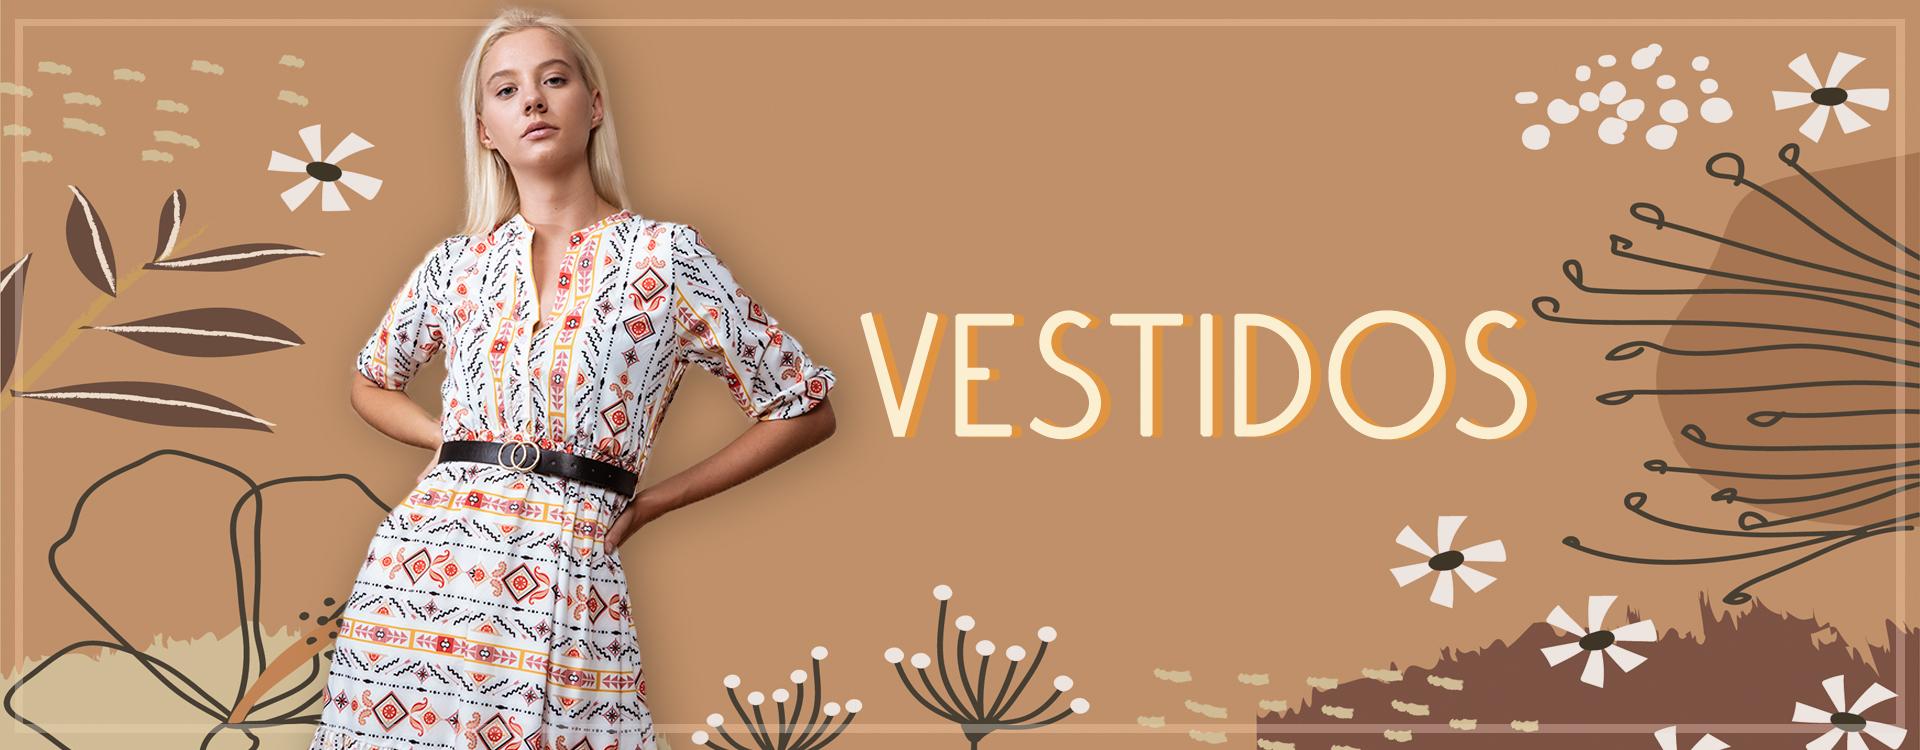 vestidos_1.jpg